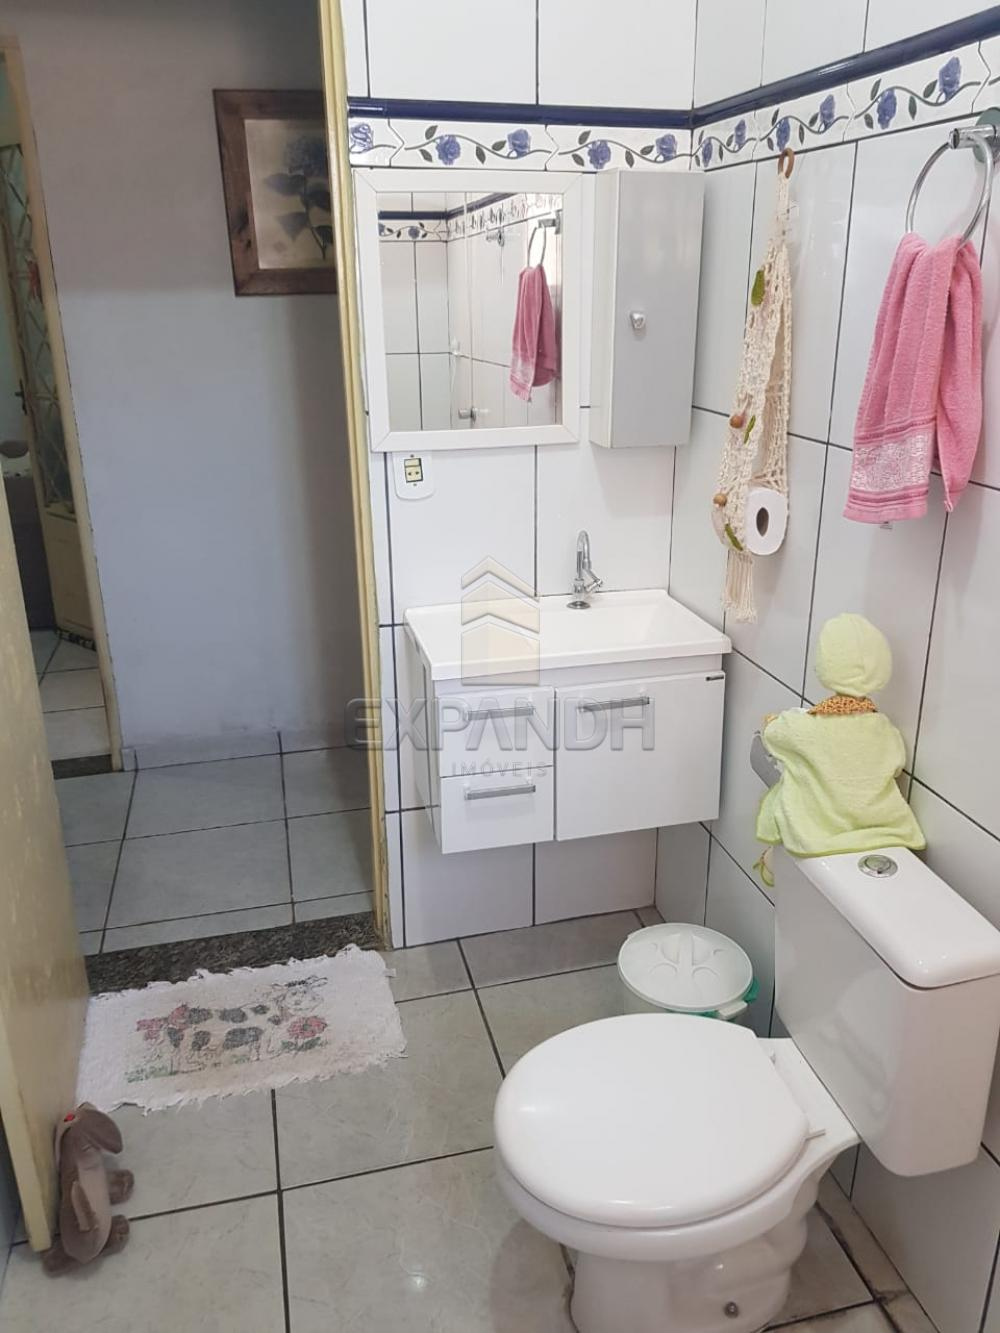 Comprar Casas / Padrão em Sertãozinho apenas R$ 185.000,00 - Foto 9